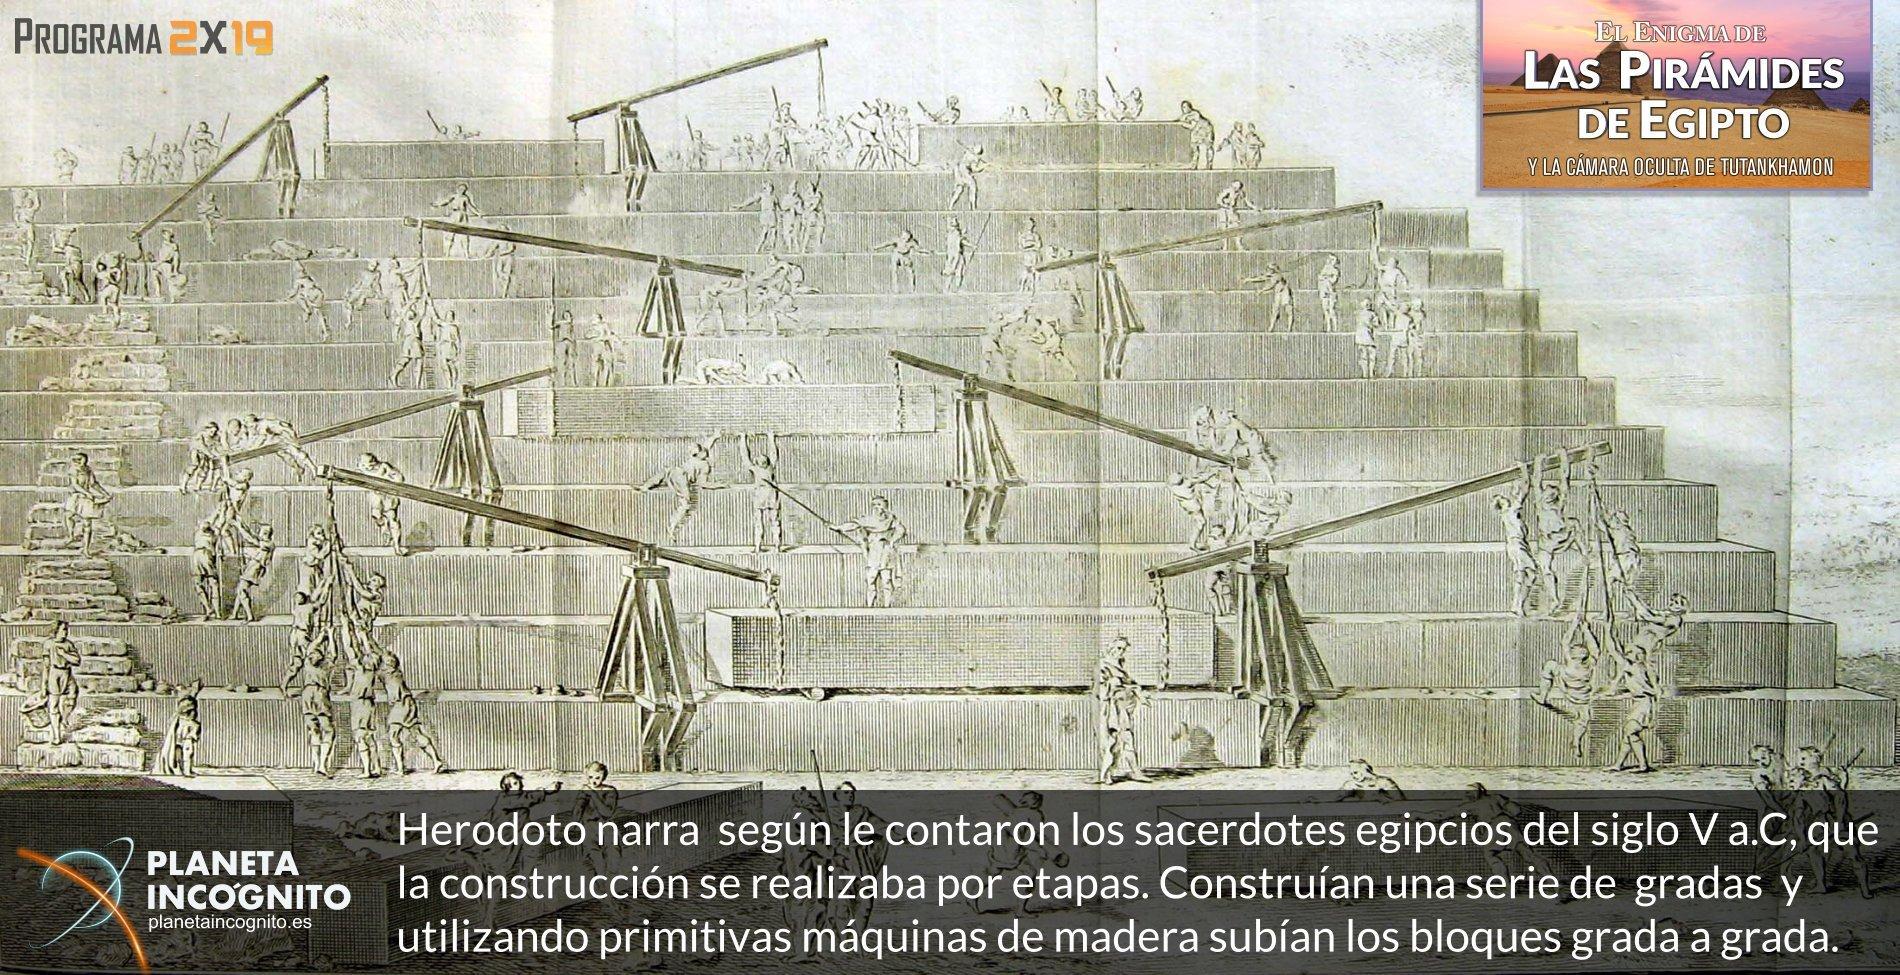 Herodoto narra según le contaron los sacerdotes egipcios del siglo V a.C, que la construcción se realizaba por etapas. Construían una serie de gradas y utilizando primitivas máquinas de madera subían los bloques grada a grada.